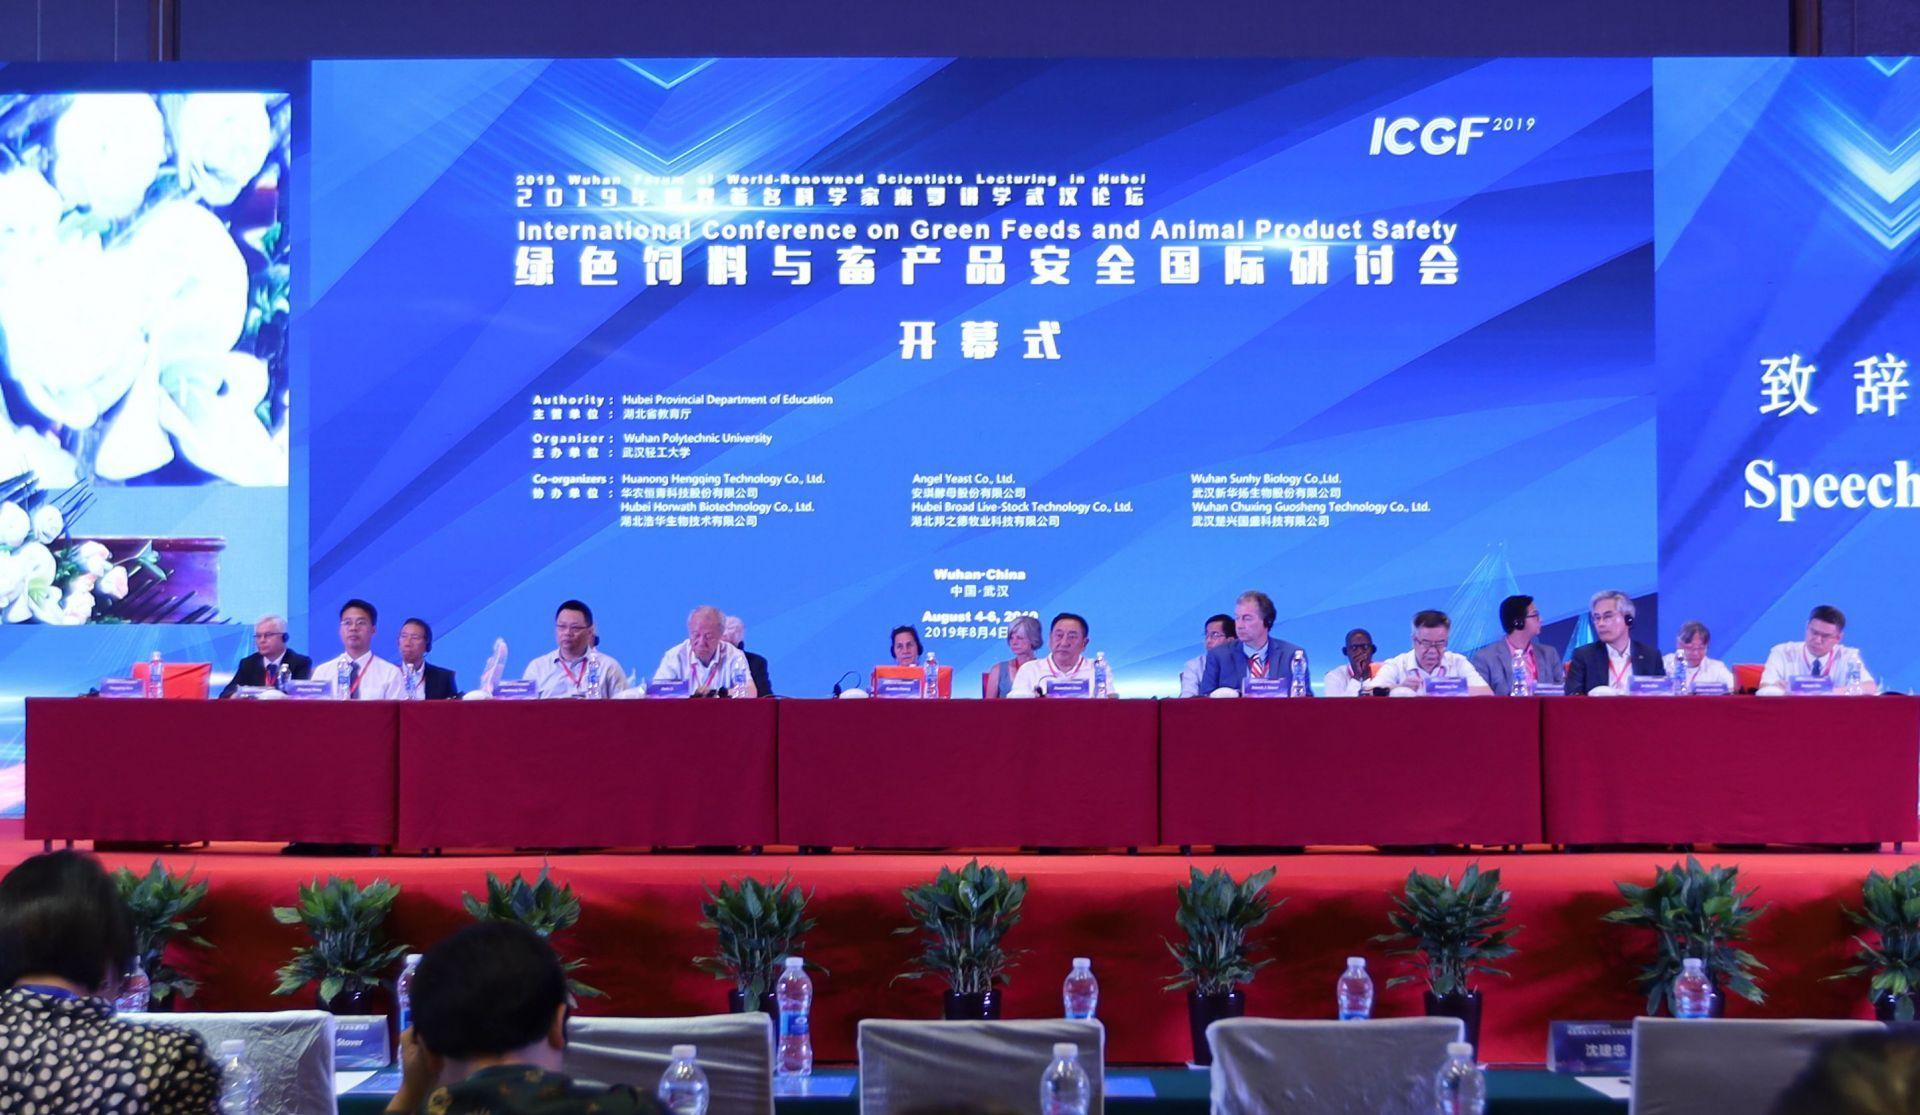 绿色饲料与畜产品安全国际研讨会在汉召开